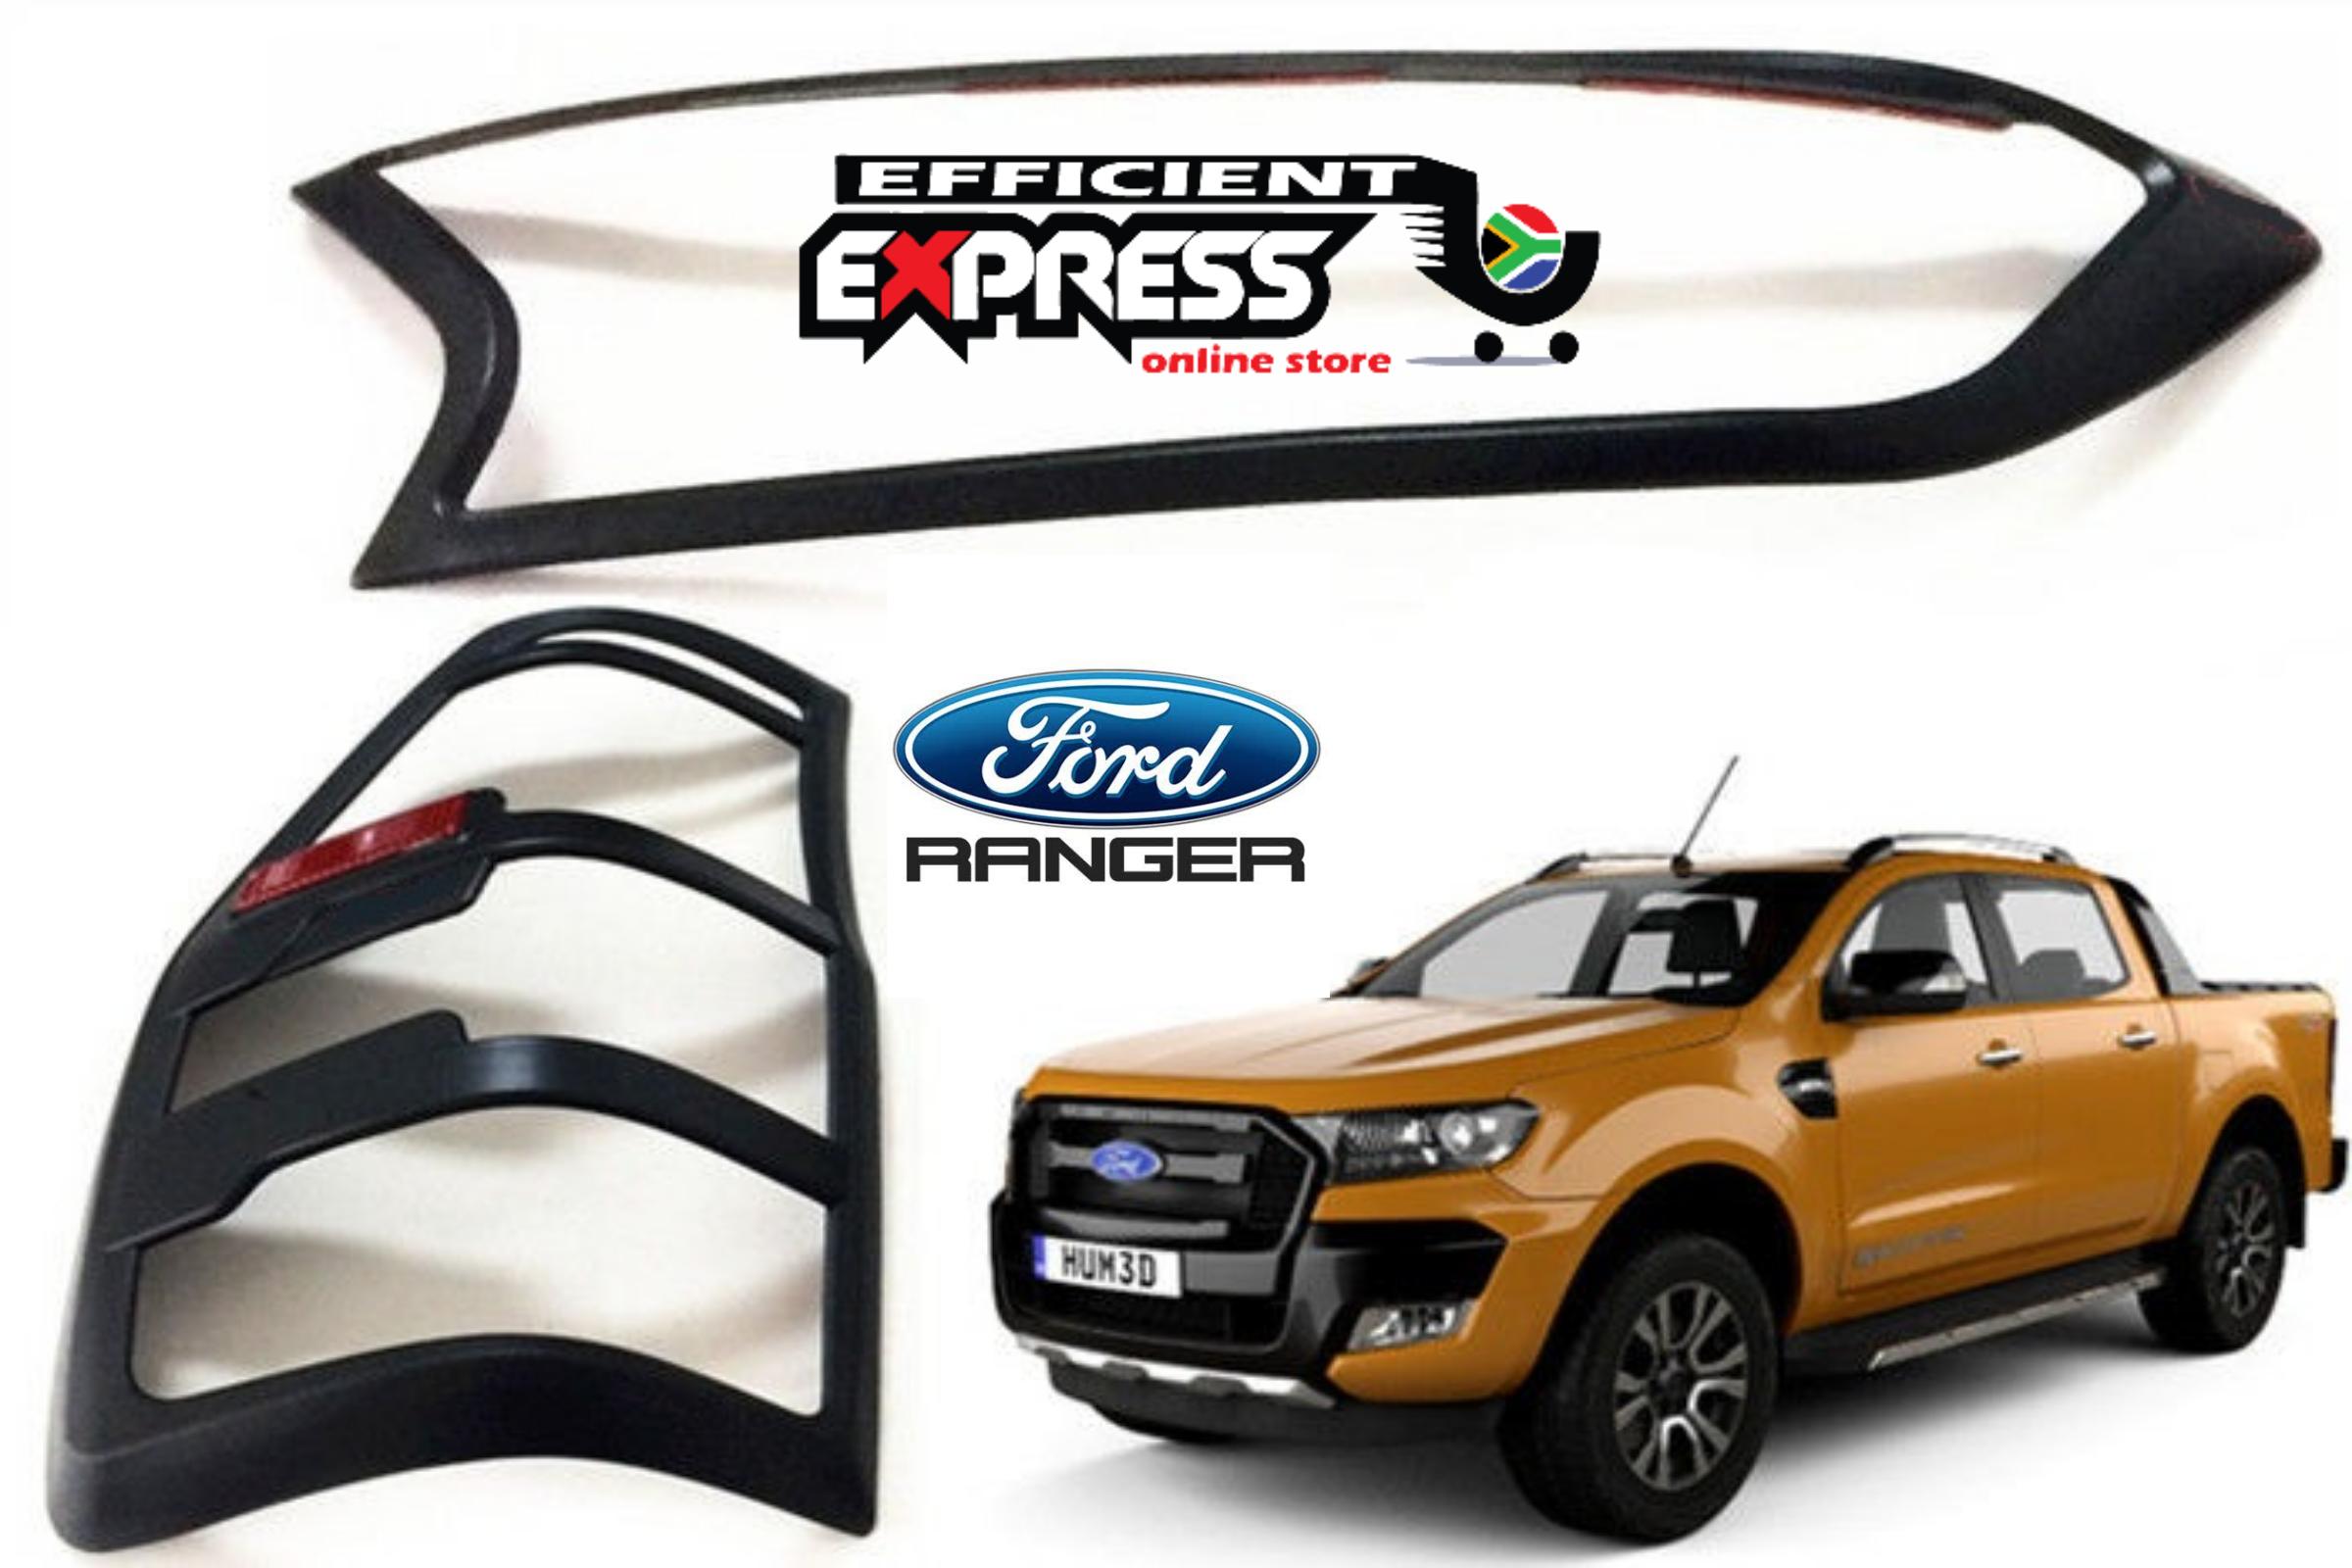 Ford Ranger T7 Headlight Trim X 2pcs And Tail Light Trim X 2pcs Combo